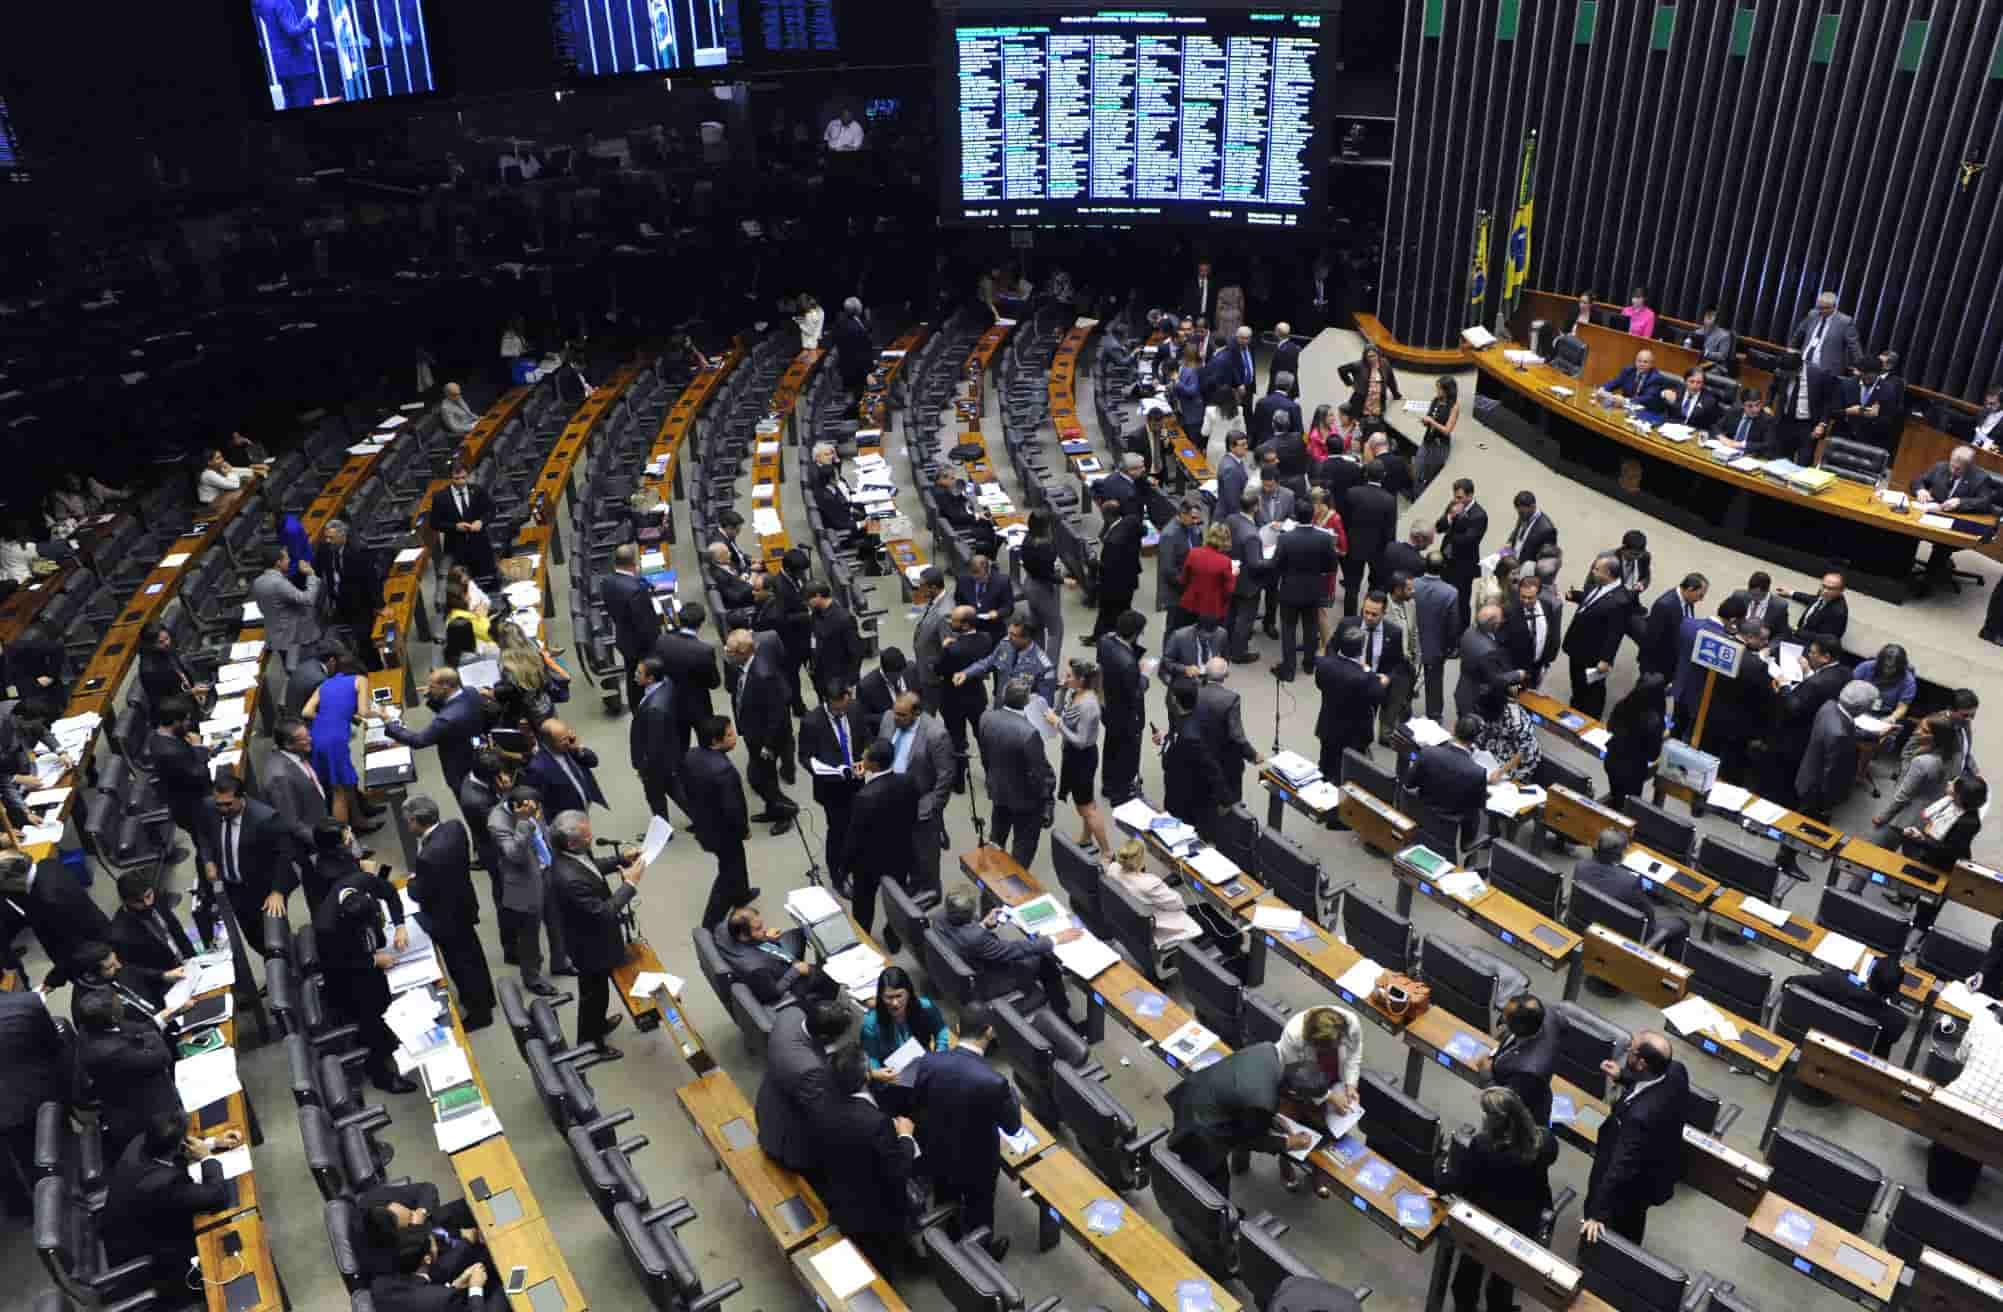 Reforma da Previdência será votada em segundo turno pela Câmara dos Deputados